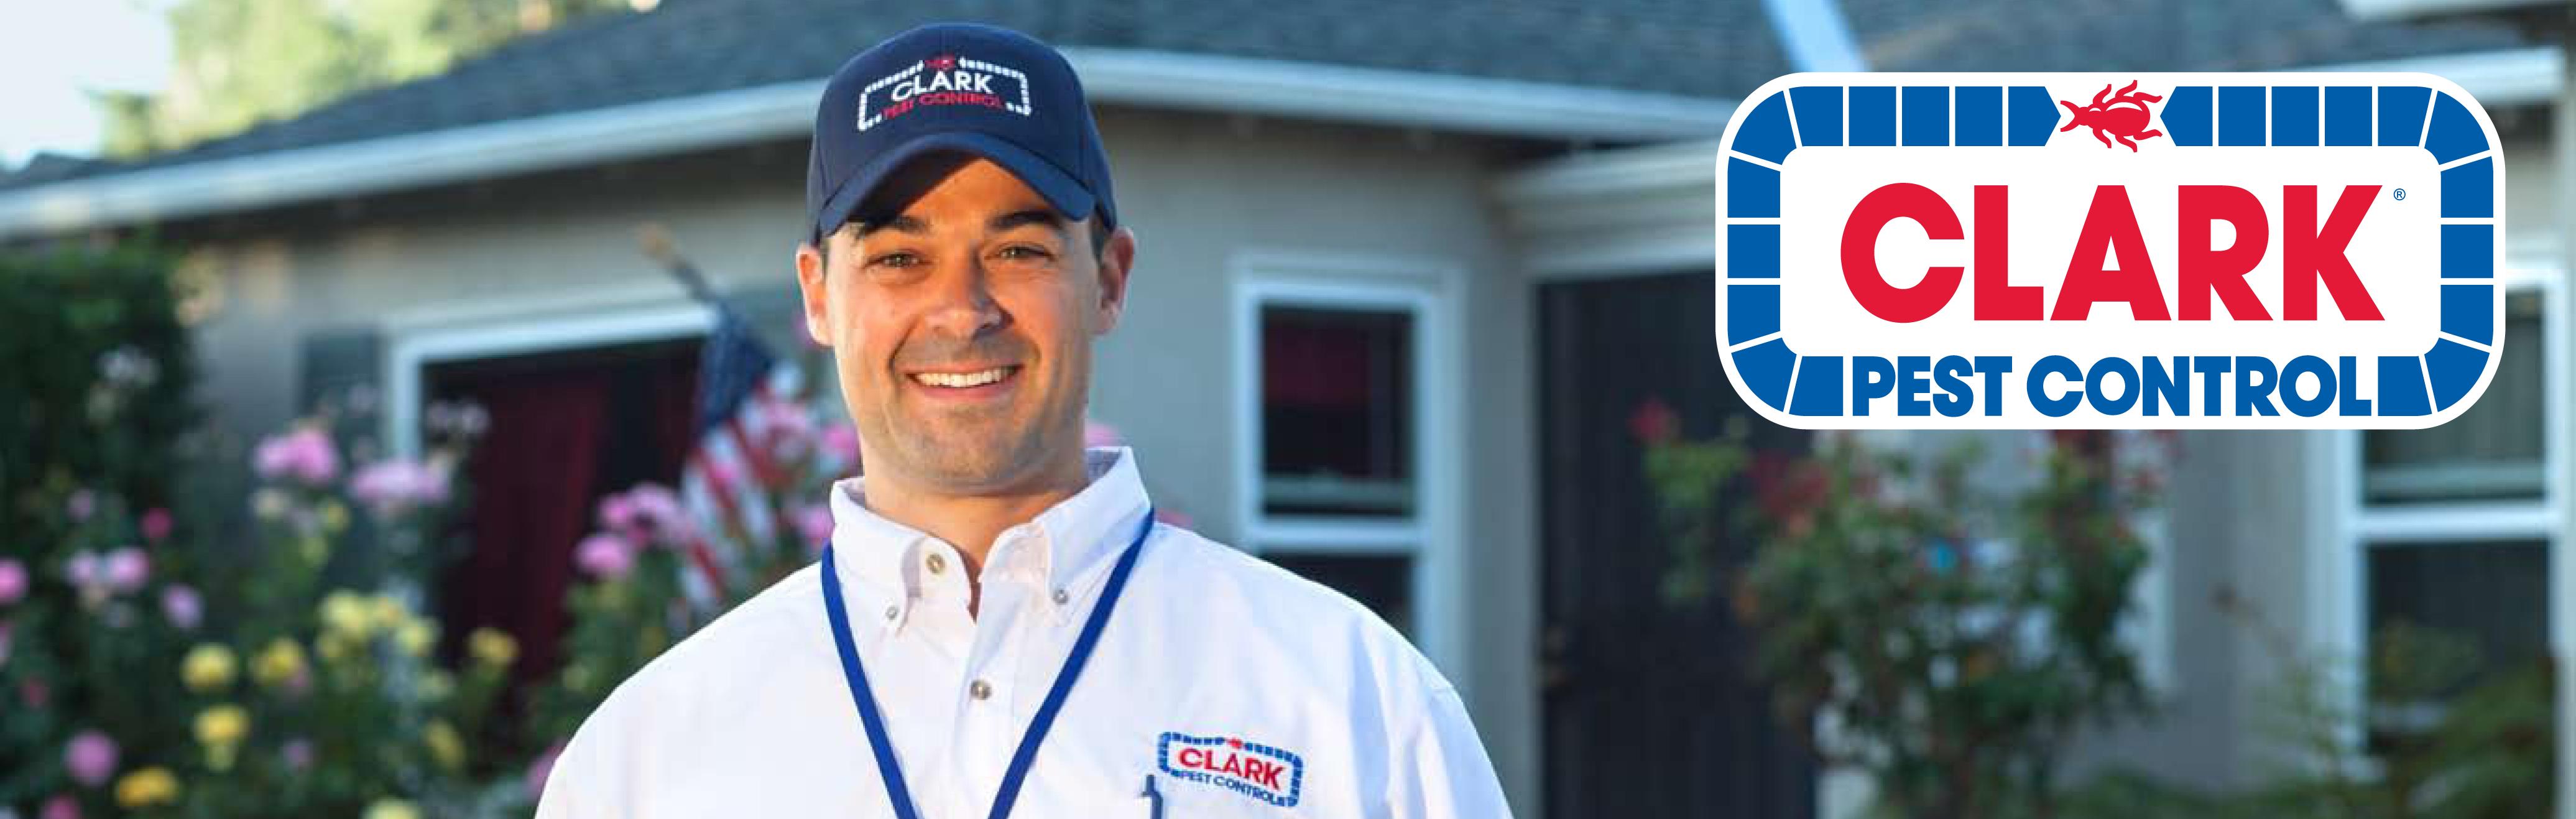 Clark Pest Control - Stockton, CA